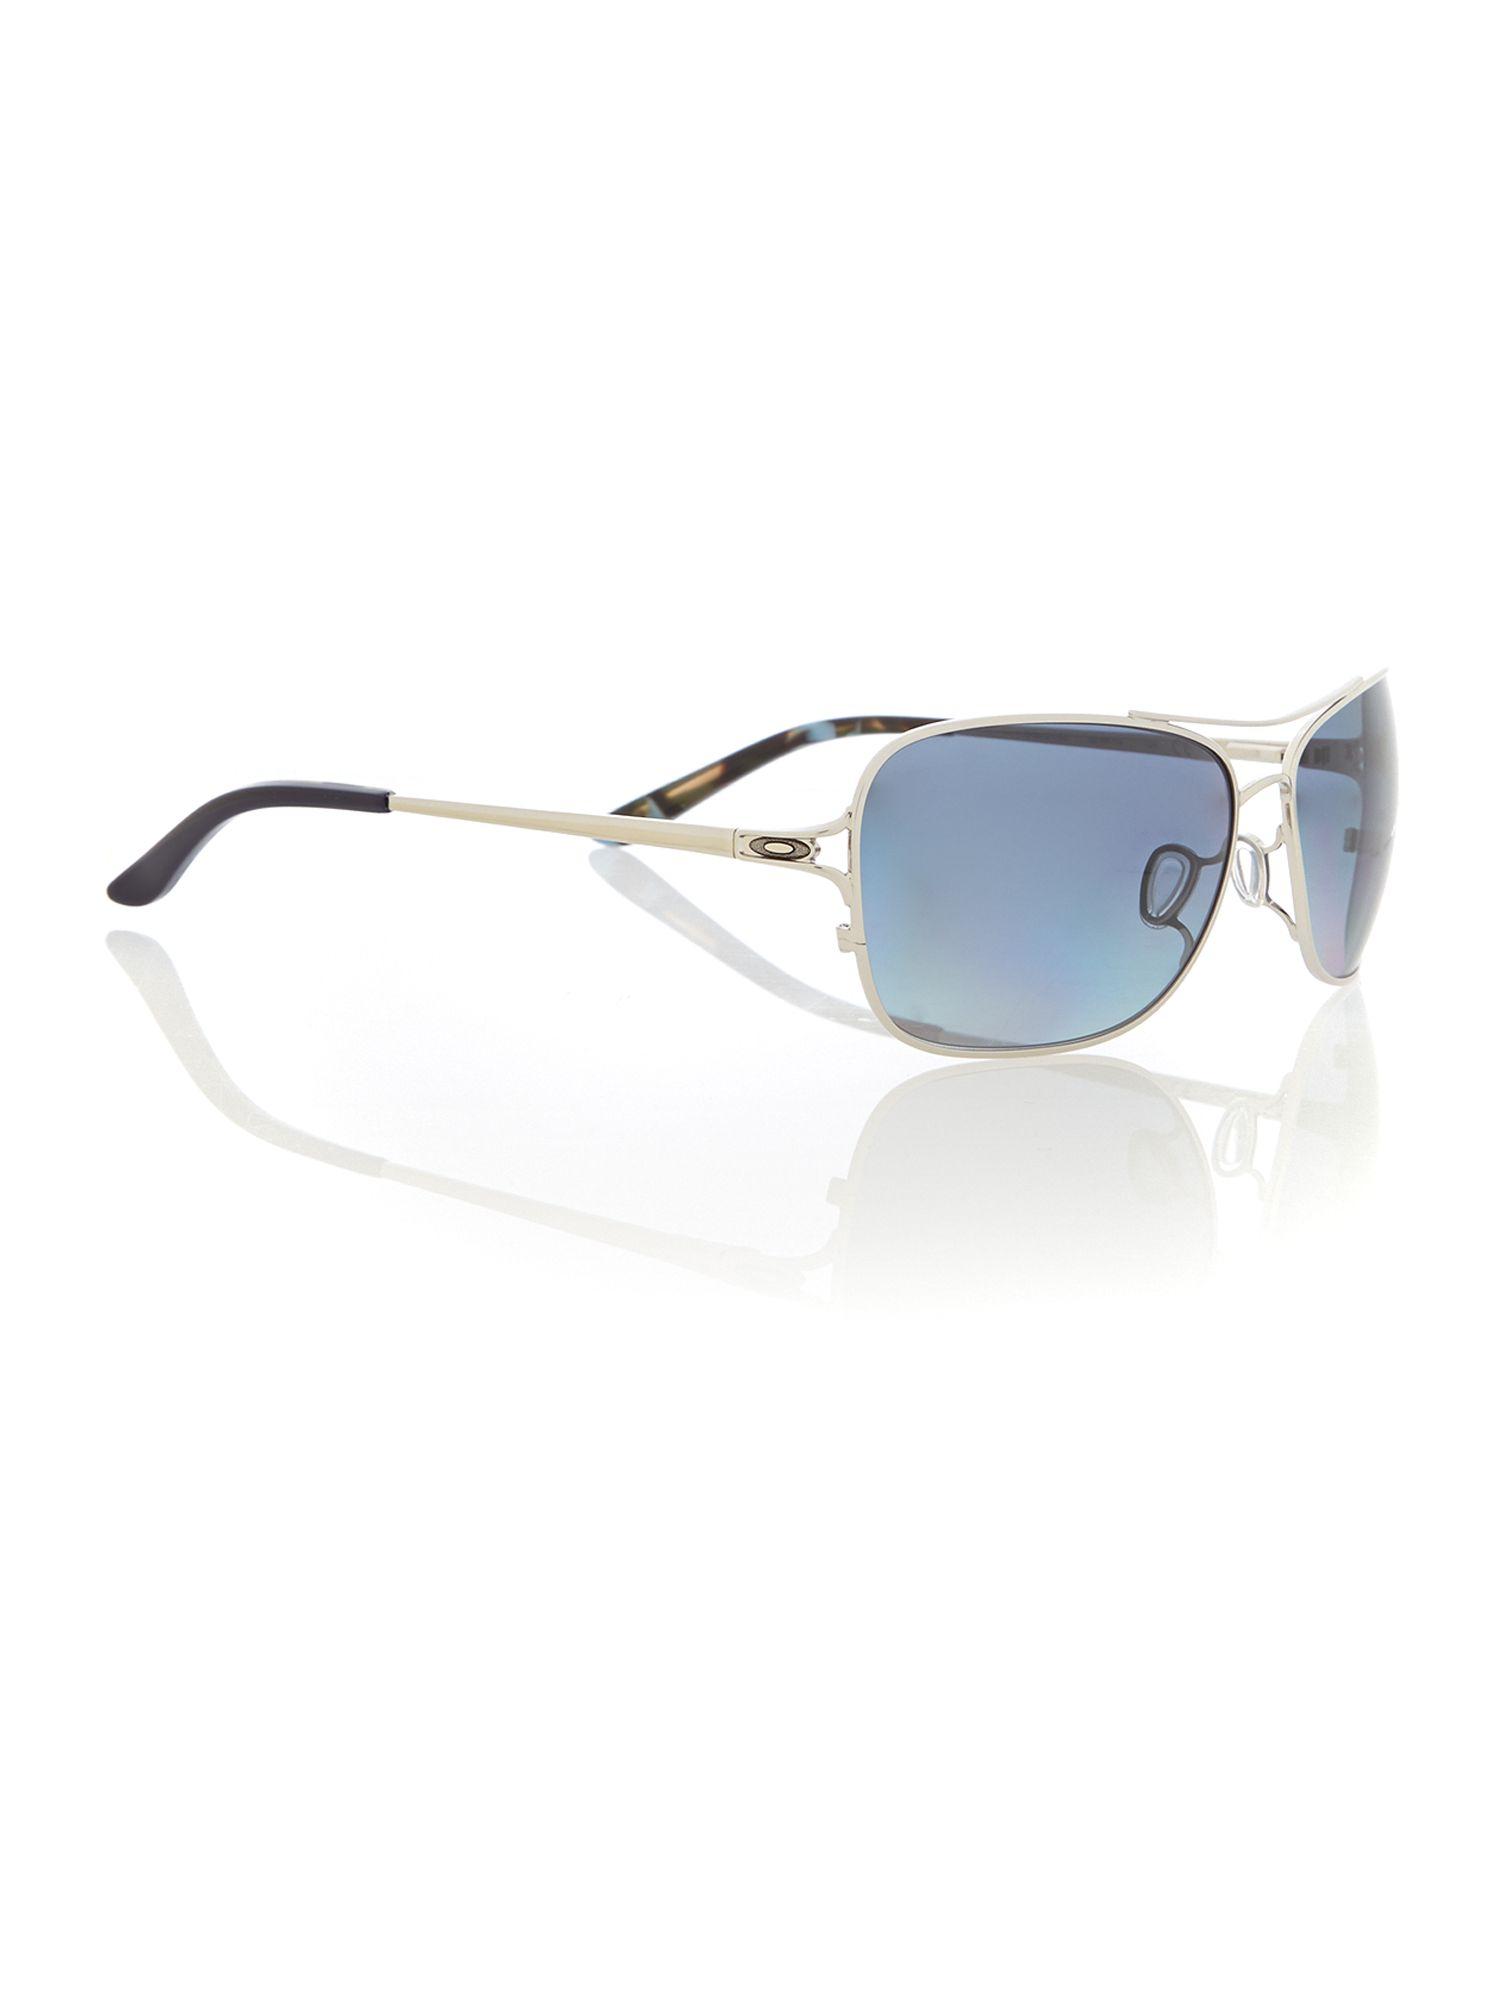 47b24925cf Oakley Sunglasses House Of Fraser